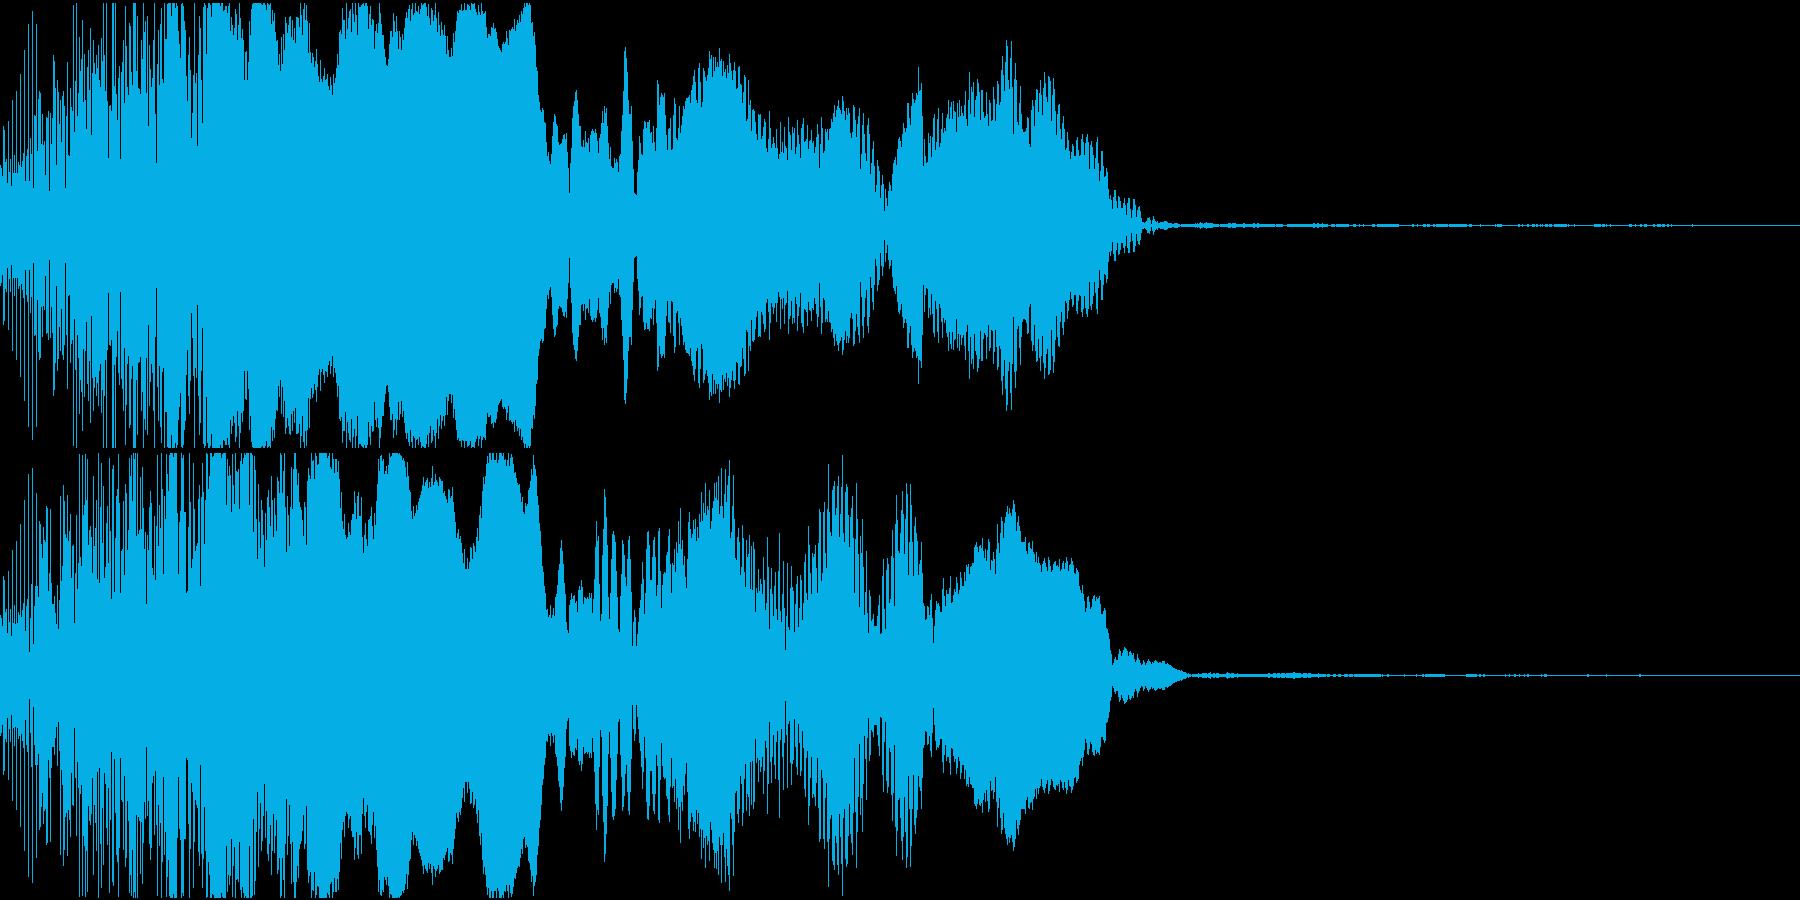 ピコン_必殺ゲージが溜まった時の音の再生済みの波形